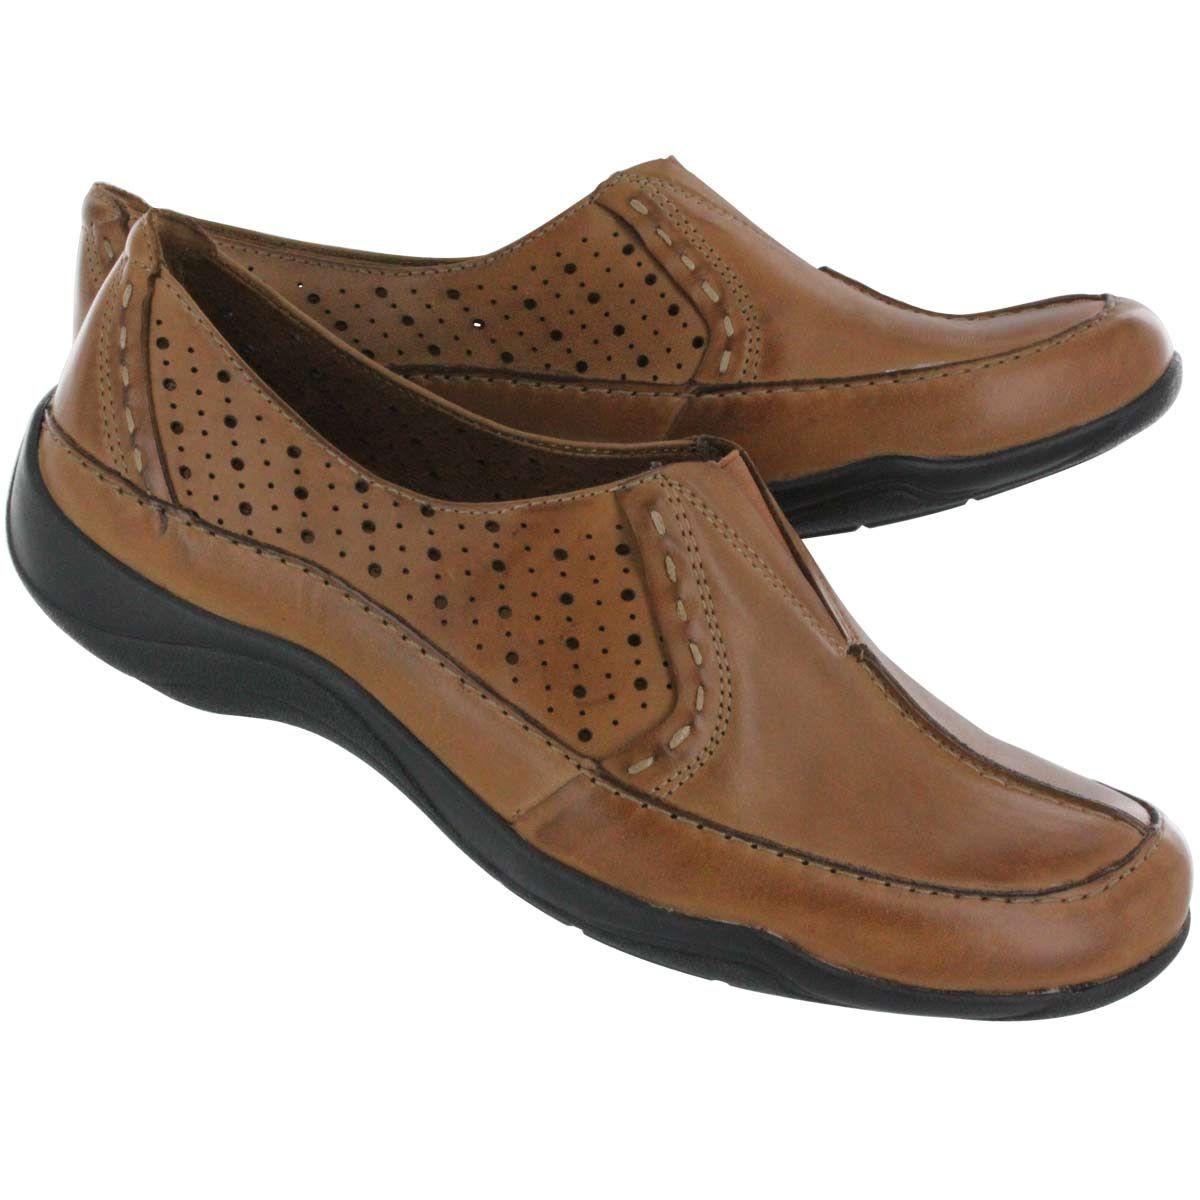 clarks womens dress shoes wide width